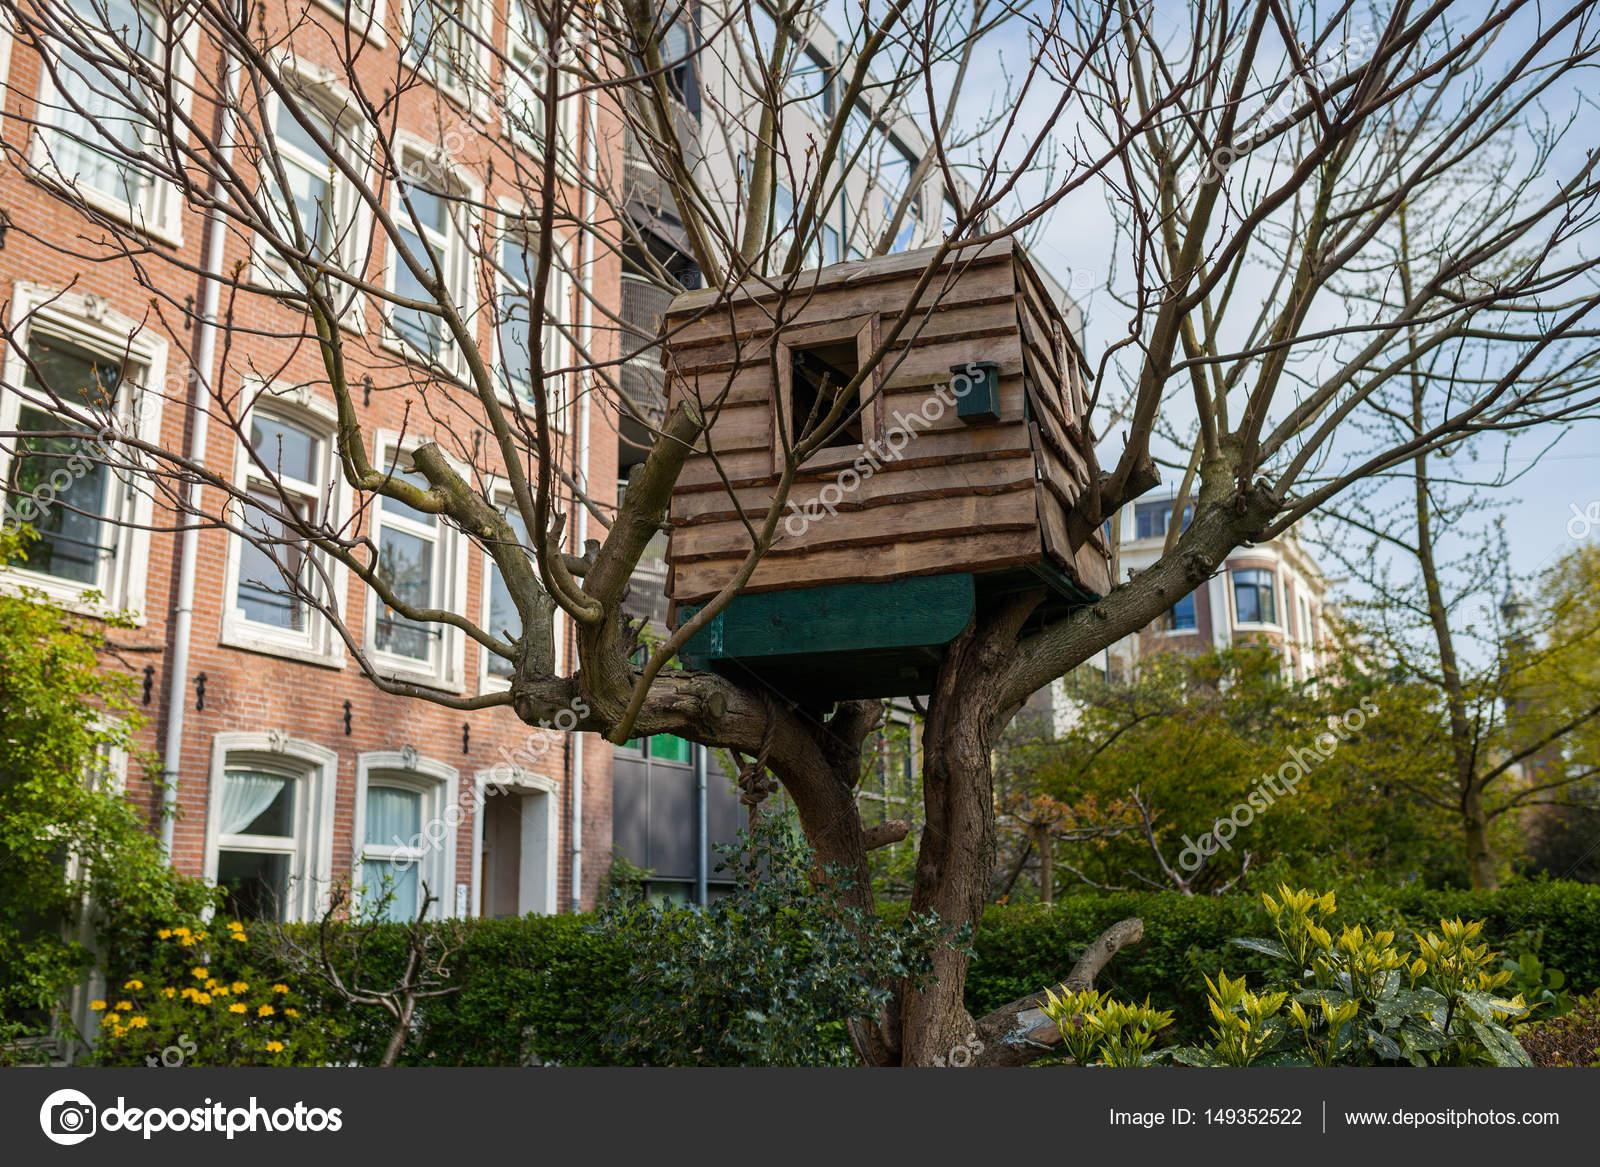 Children Tree House In Amsterdam Stock Photo C Sashk0 149352522